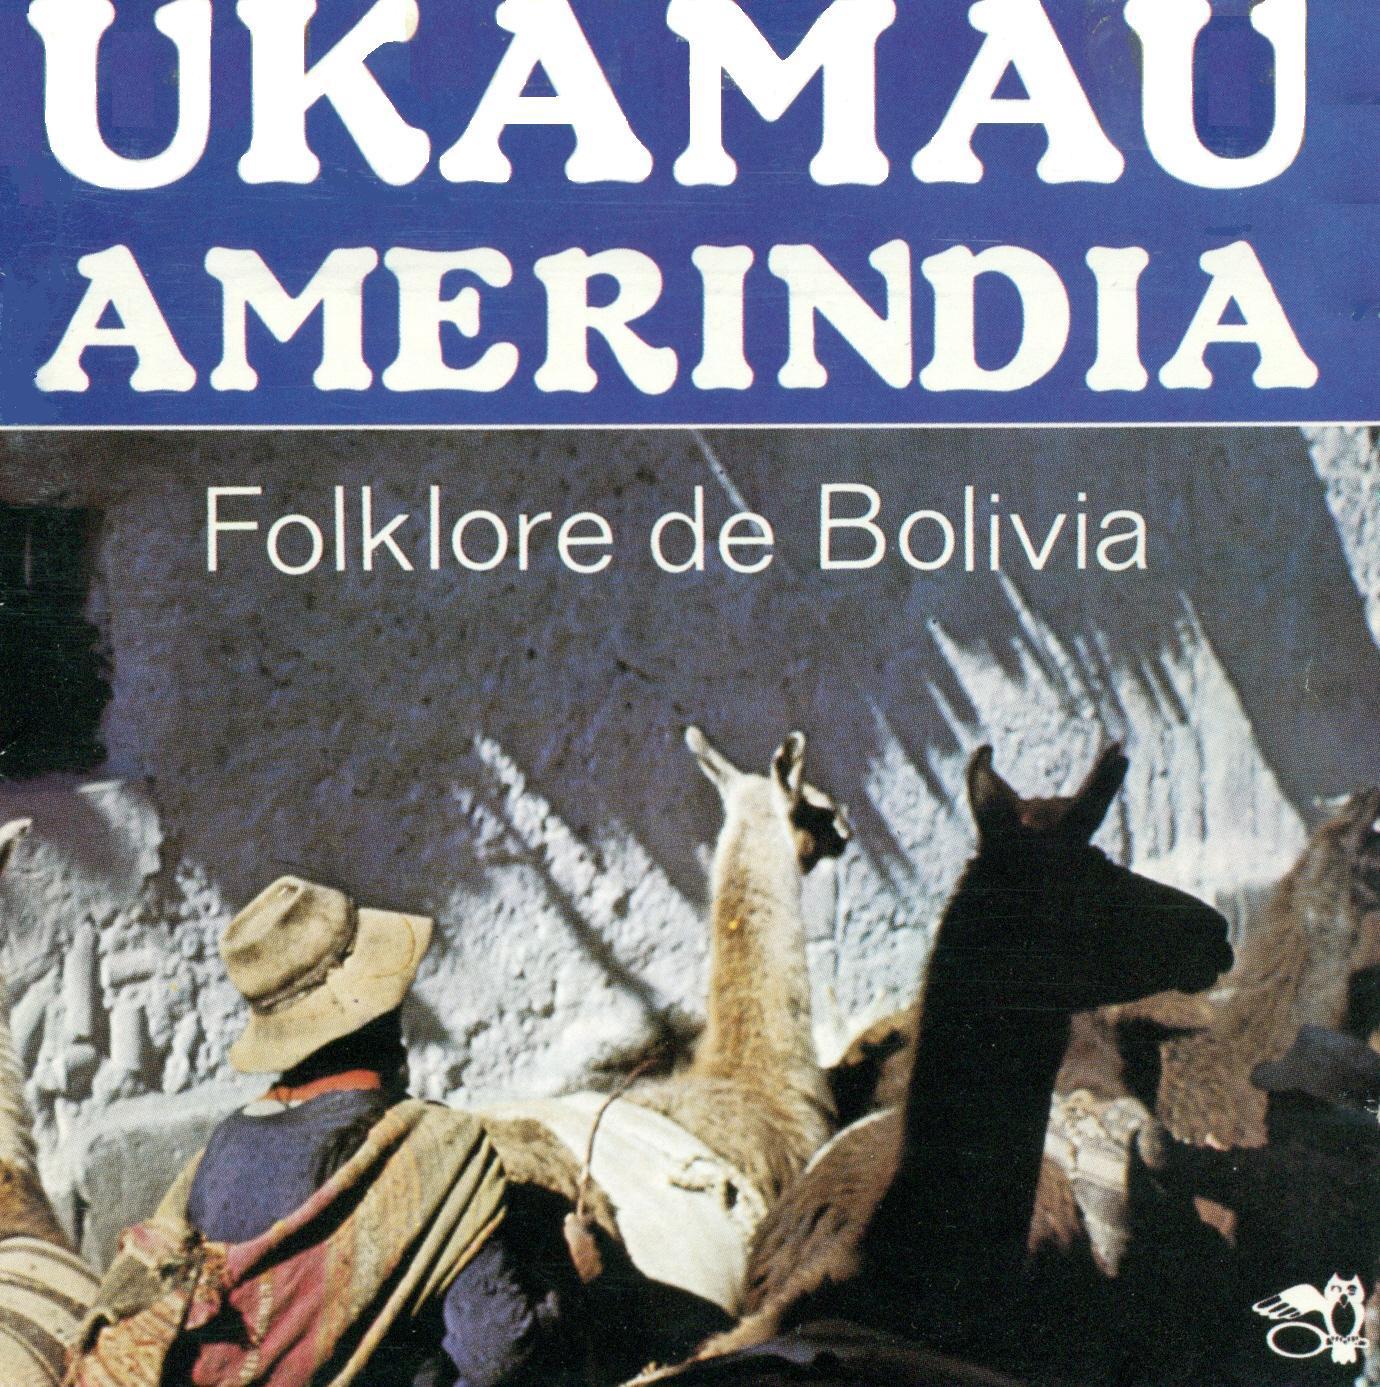 musica de folklore: